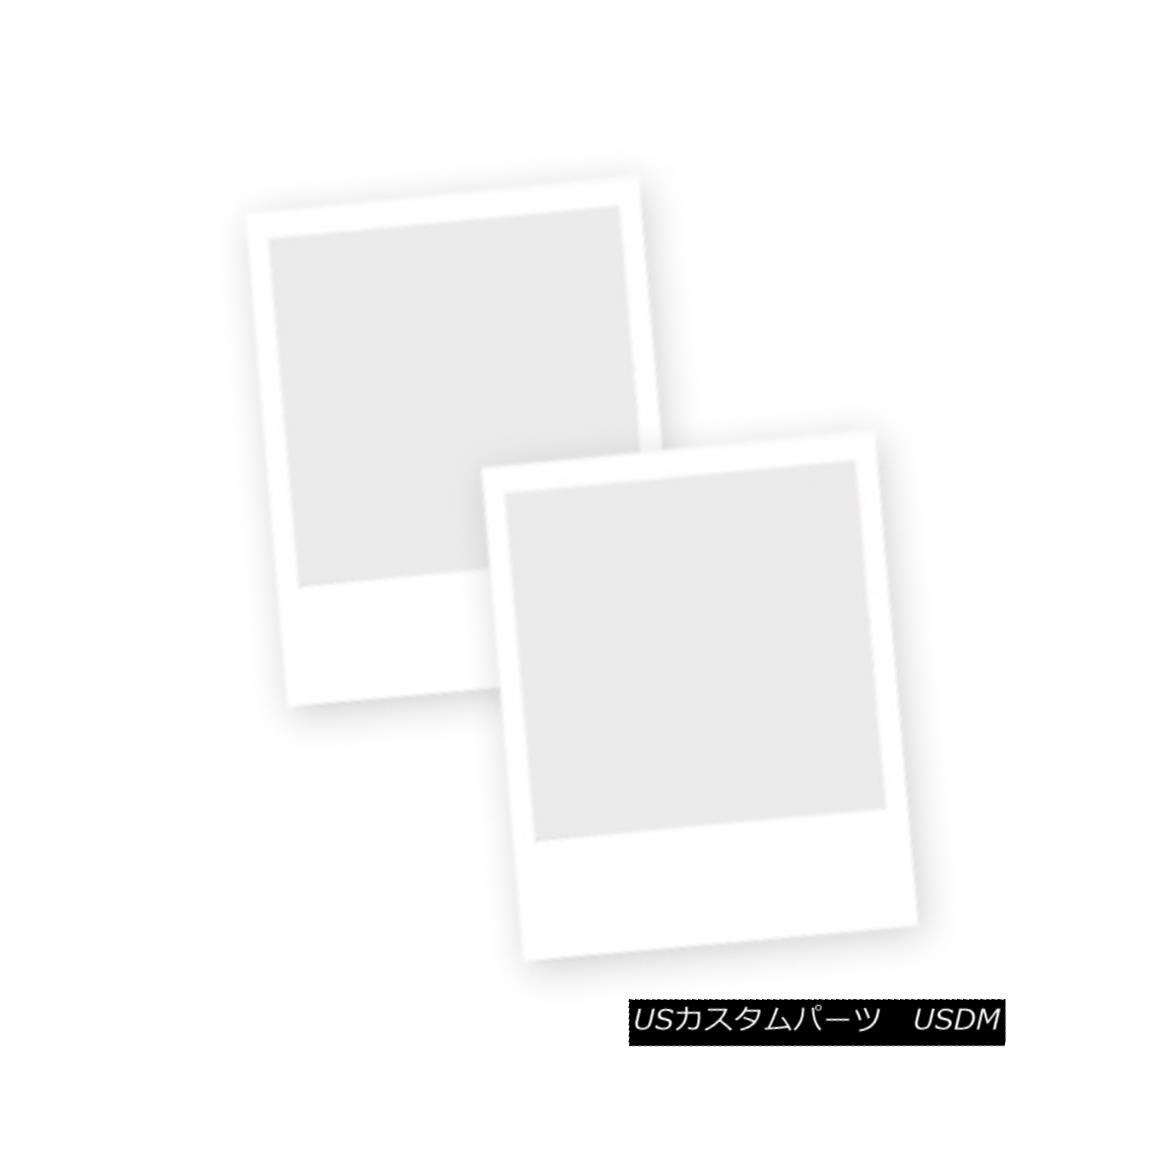 幌・ソフトトップ RAMPAGE 99335 Soft Top Oem Replacement RAMPAGE 99335ソフトトップemの交換